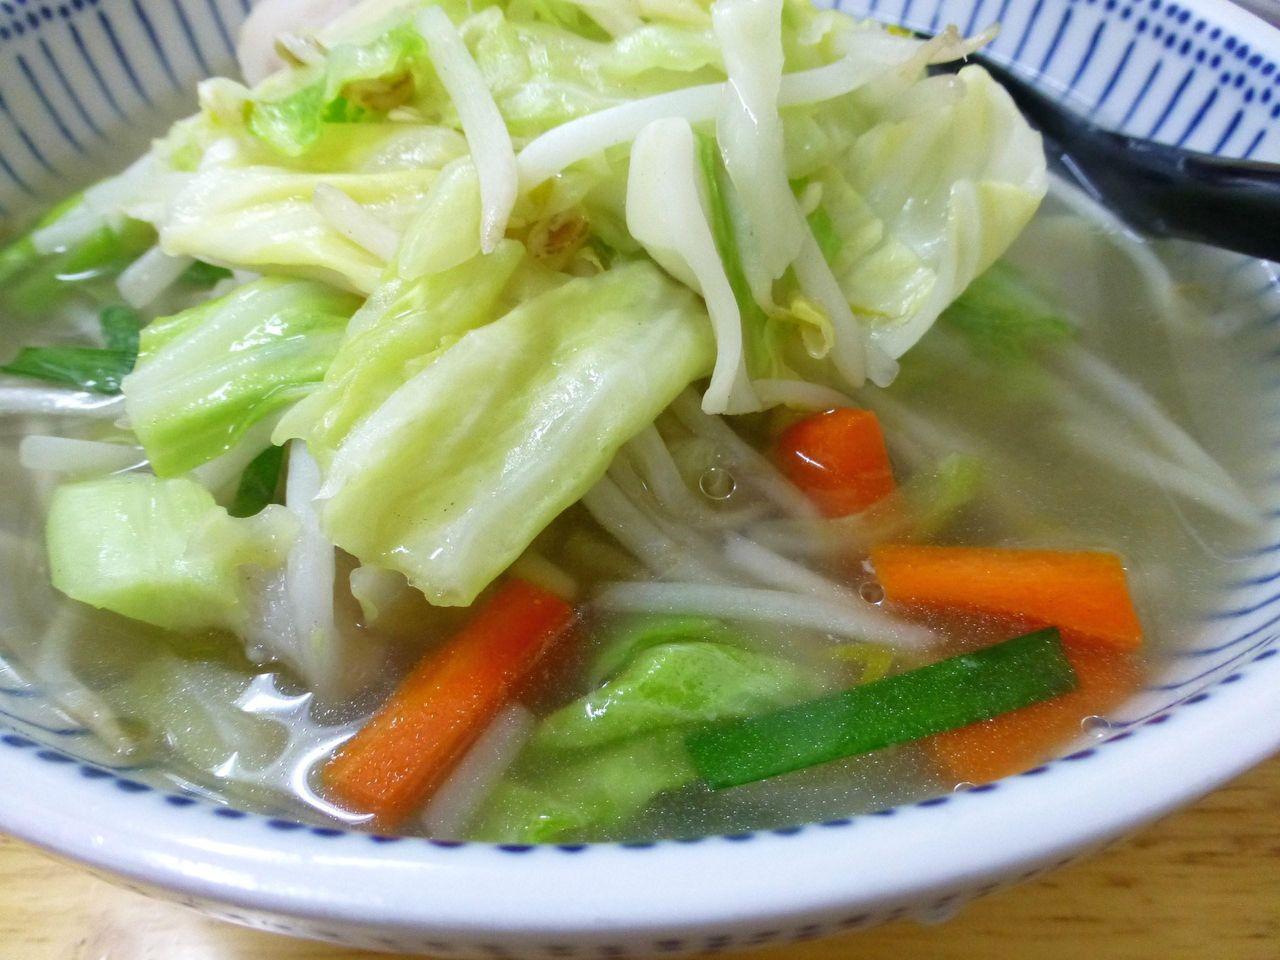 色鮮やかな野菜が食欲をそそります!